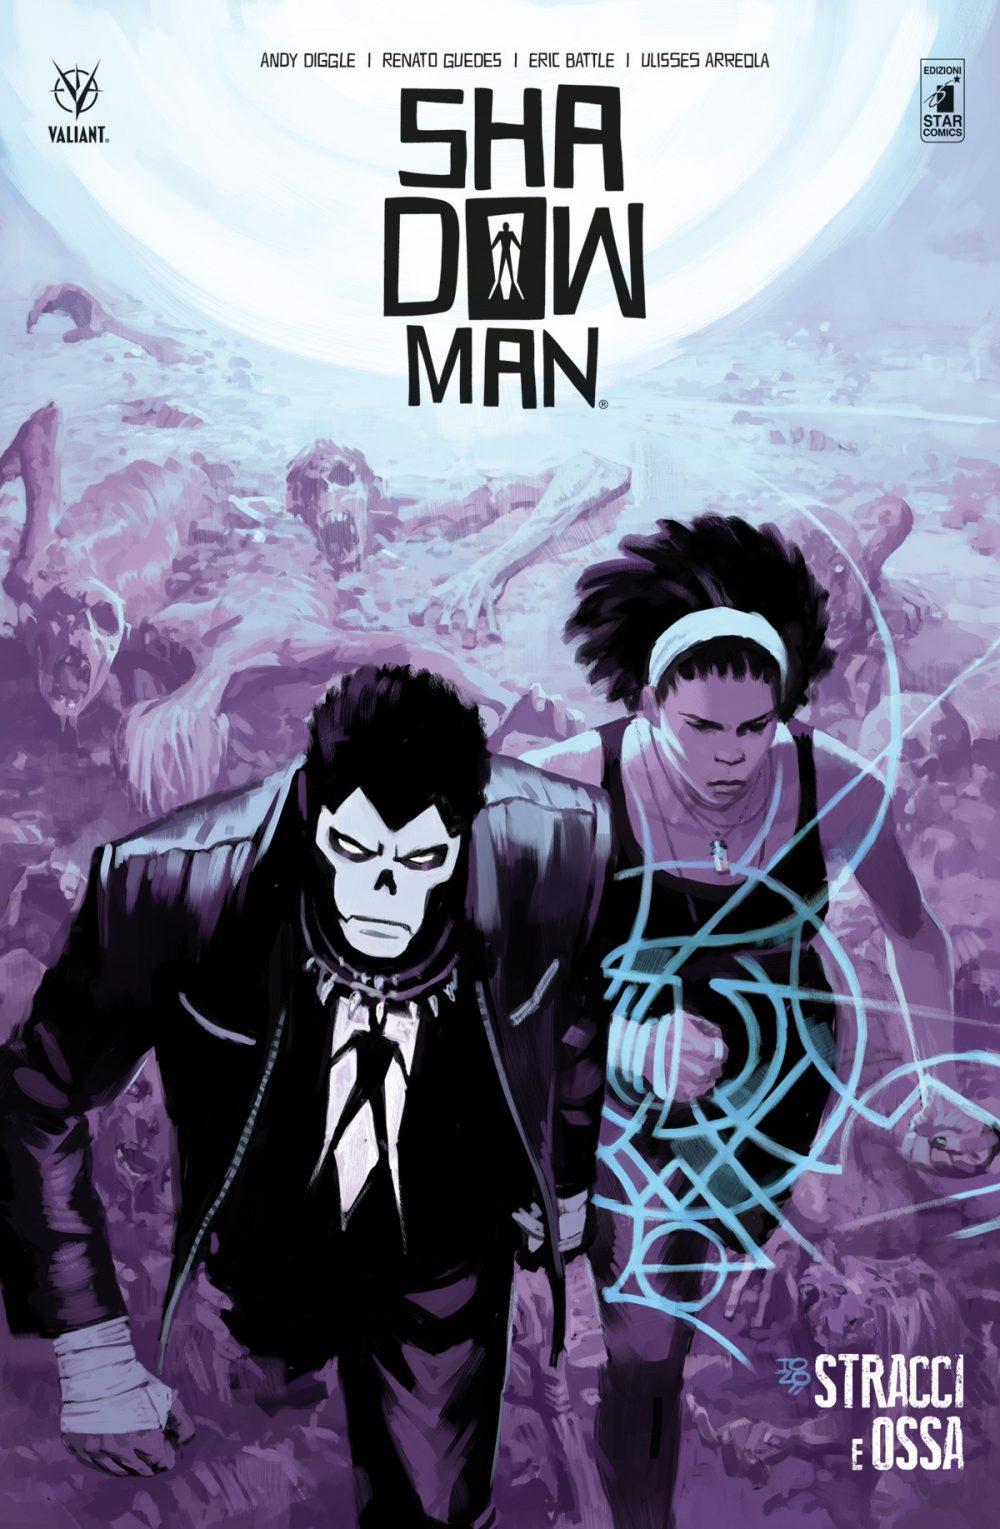 Shadowman vol. 3: Stracci e ossa, copertina di Tonci Zonjic